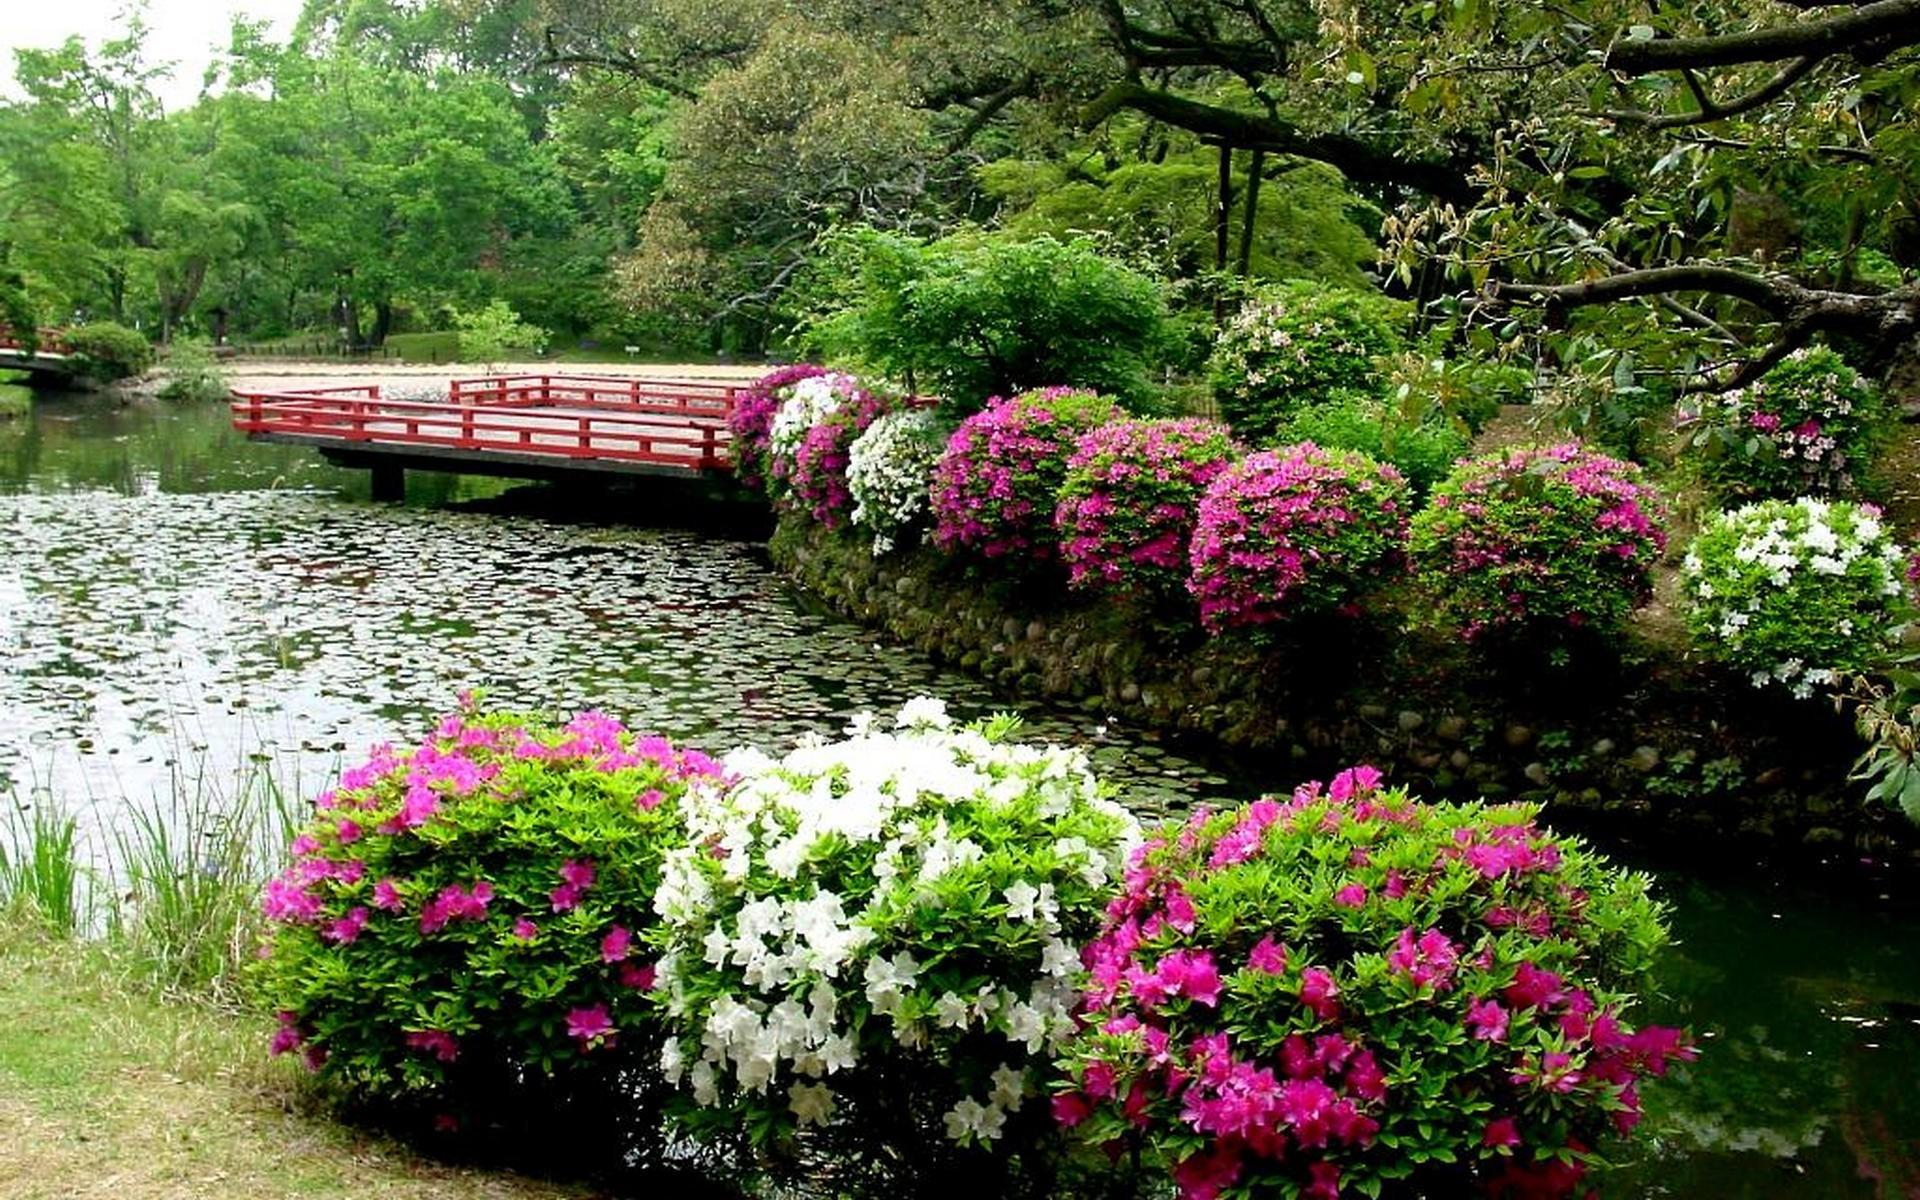 astonishing beautiful zen garden | Japanese Zen Garden Wallpaper (56+ images)